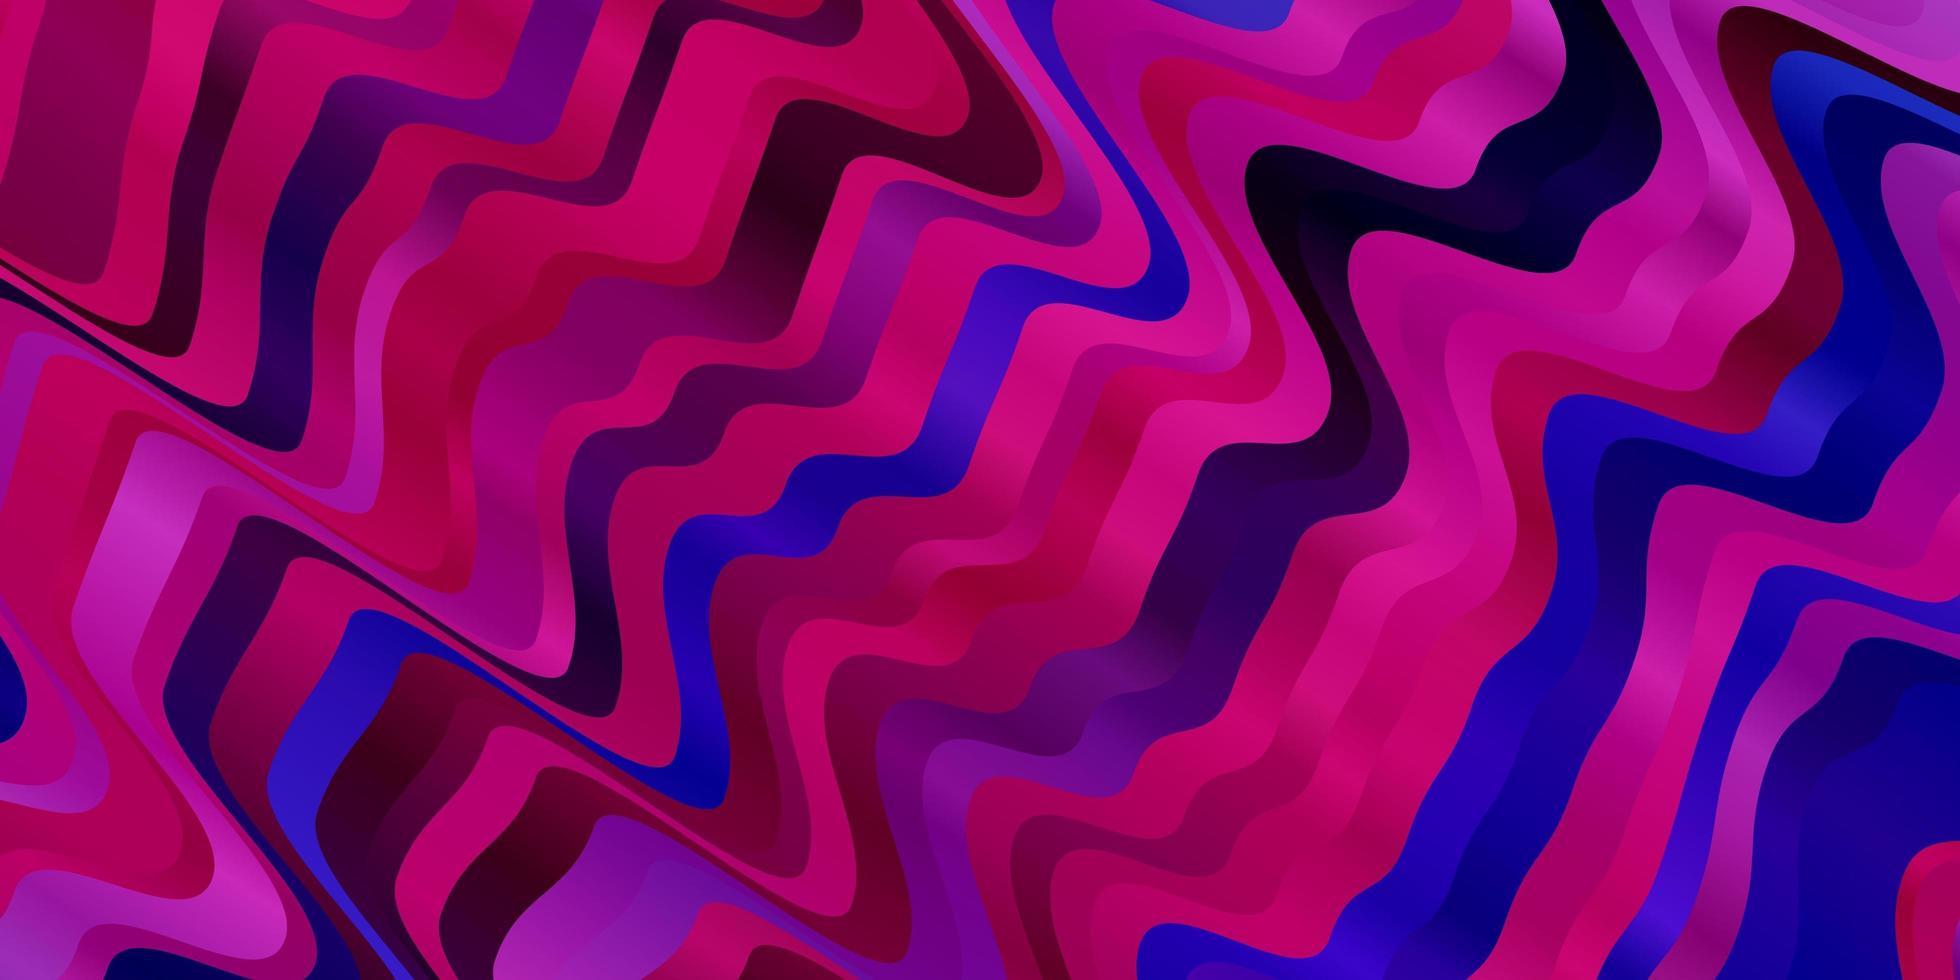 mörkrosa, blå vektormönster med böjda linjer. vektor